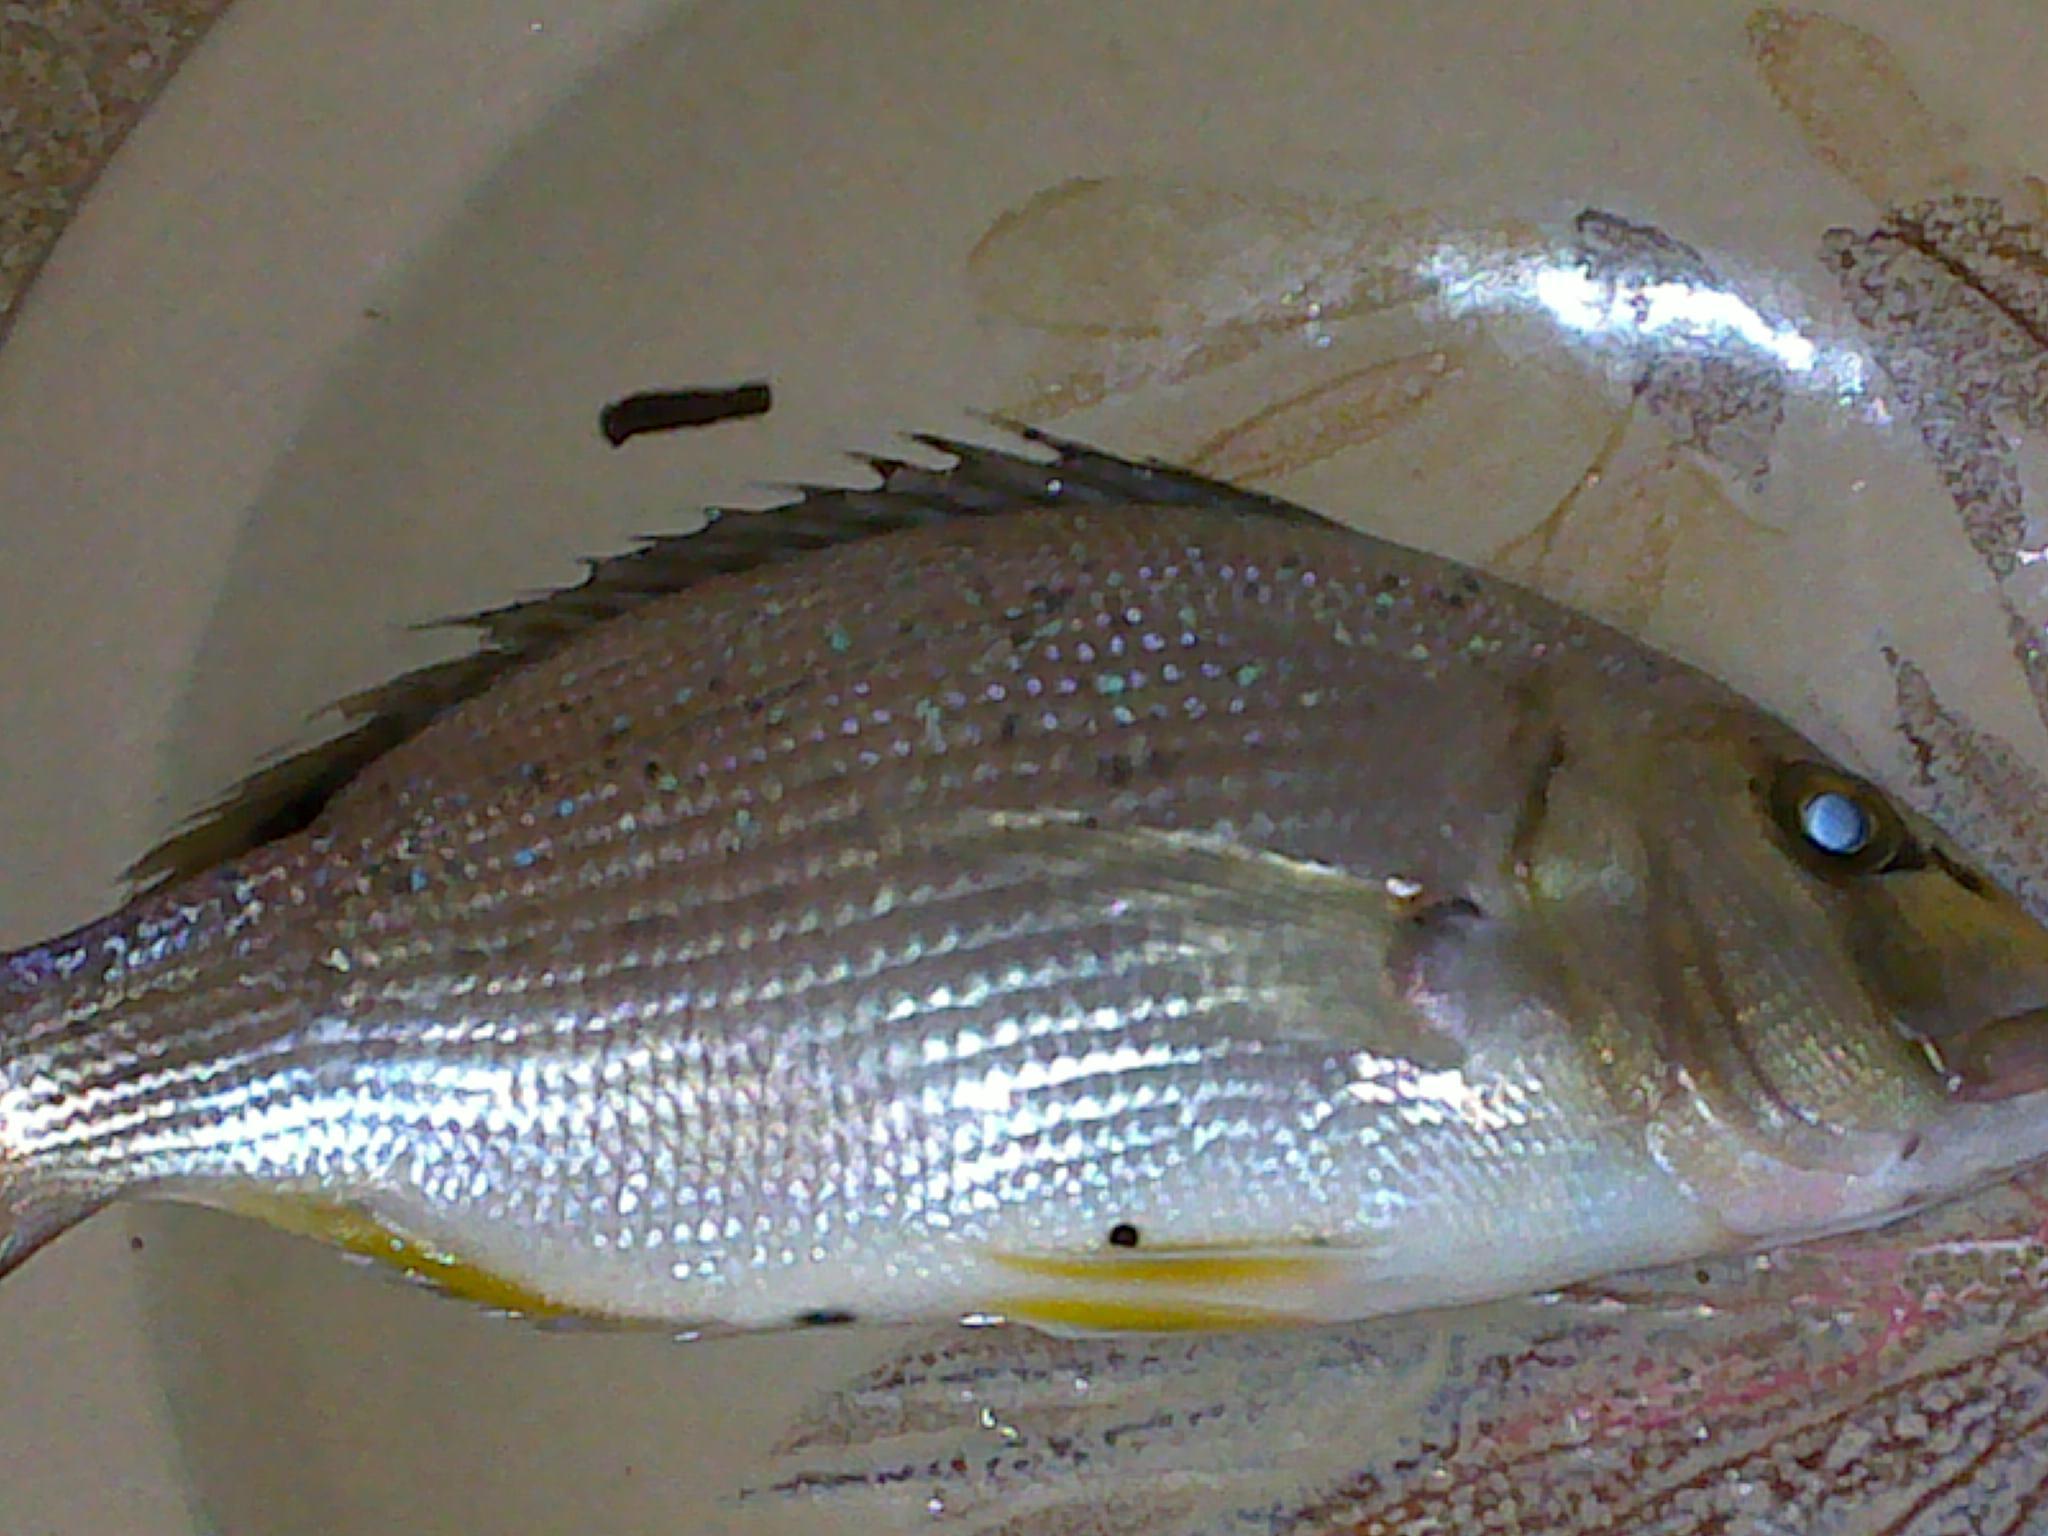 Pouvez vous m'aidez à reconnaitre ce poisson svp :) 739950dor2